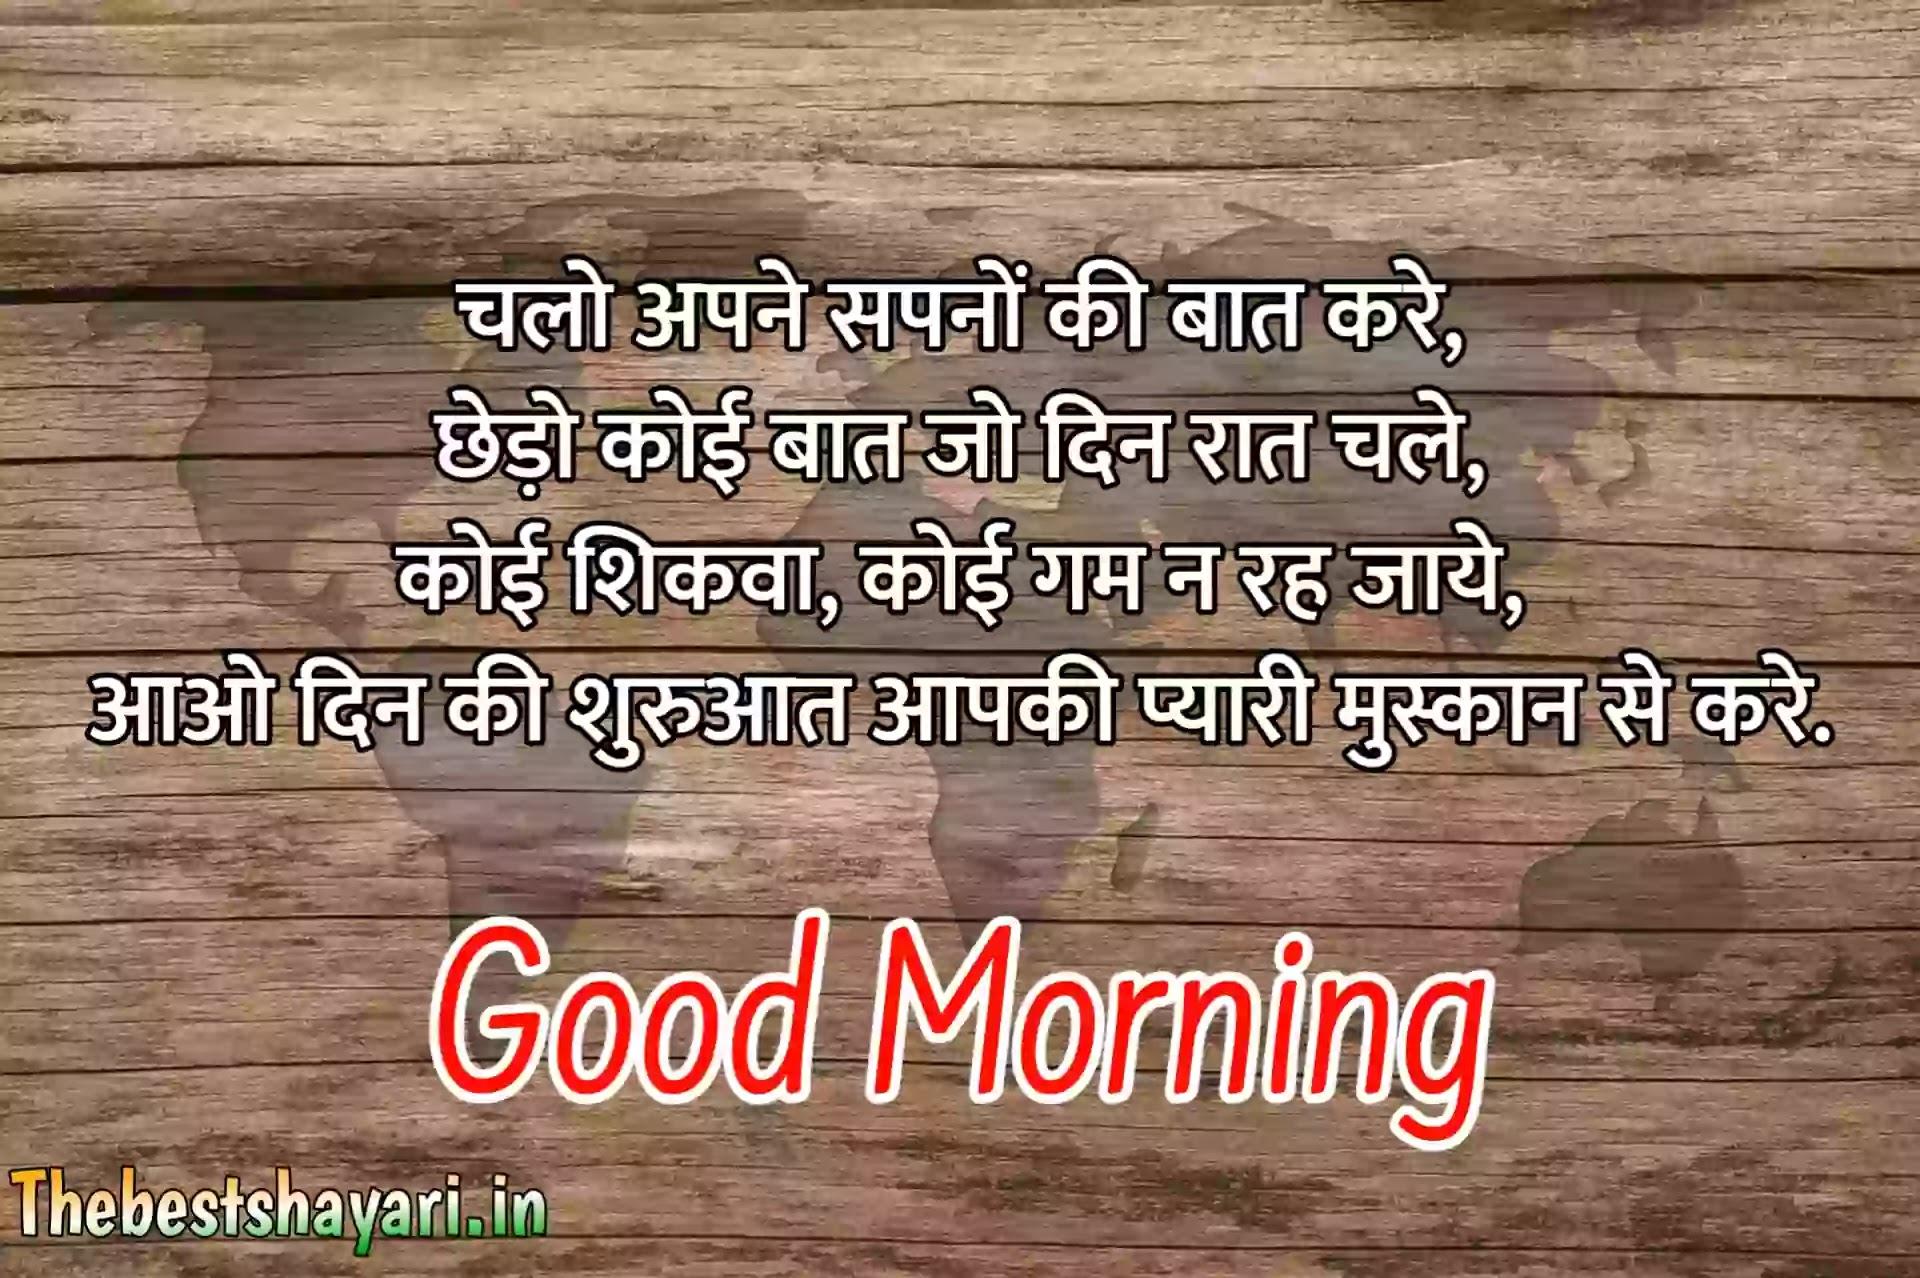 good morning shayari in Hindi 140 words